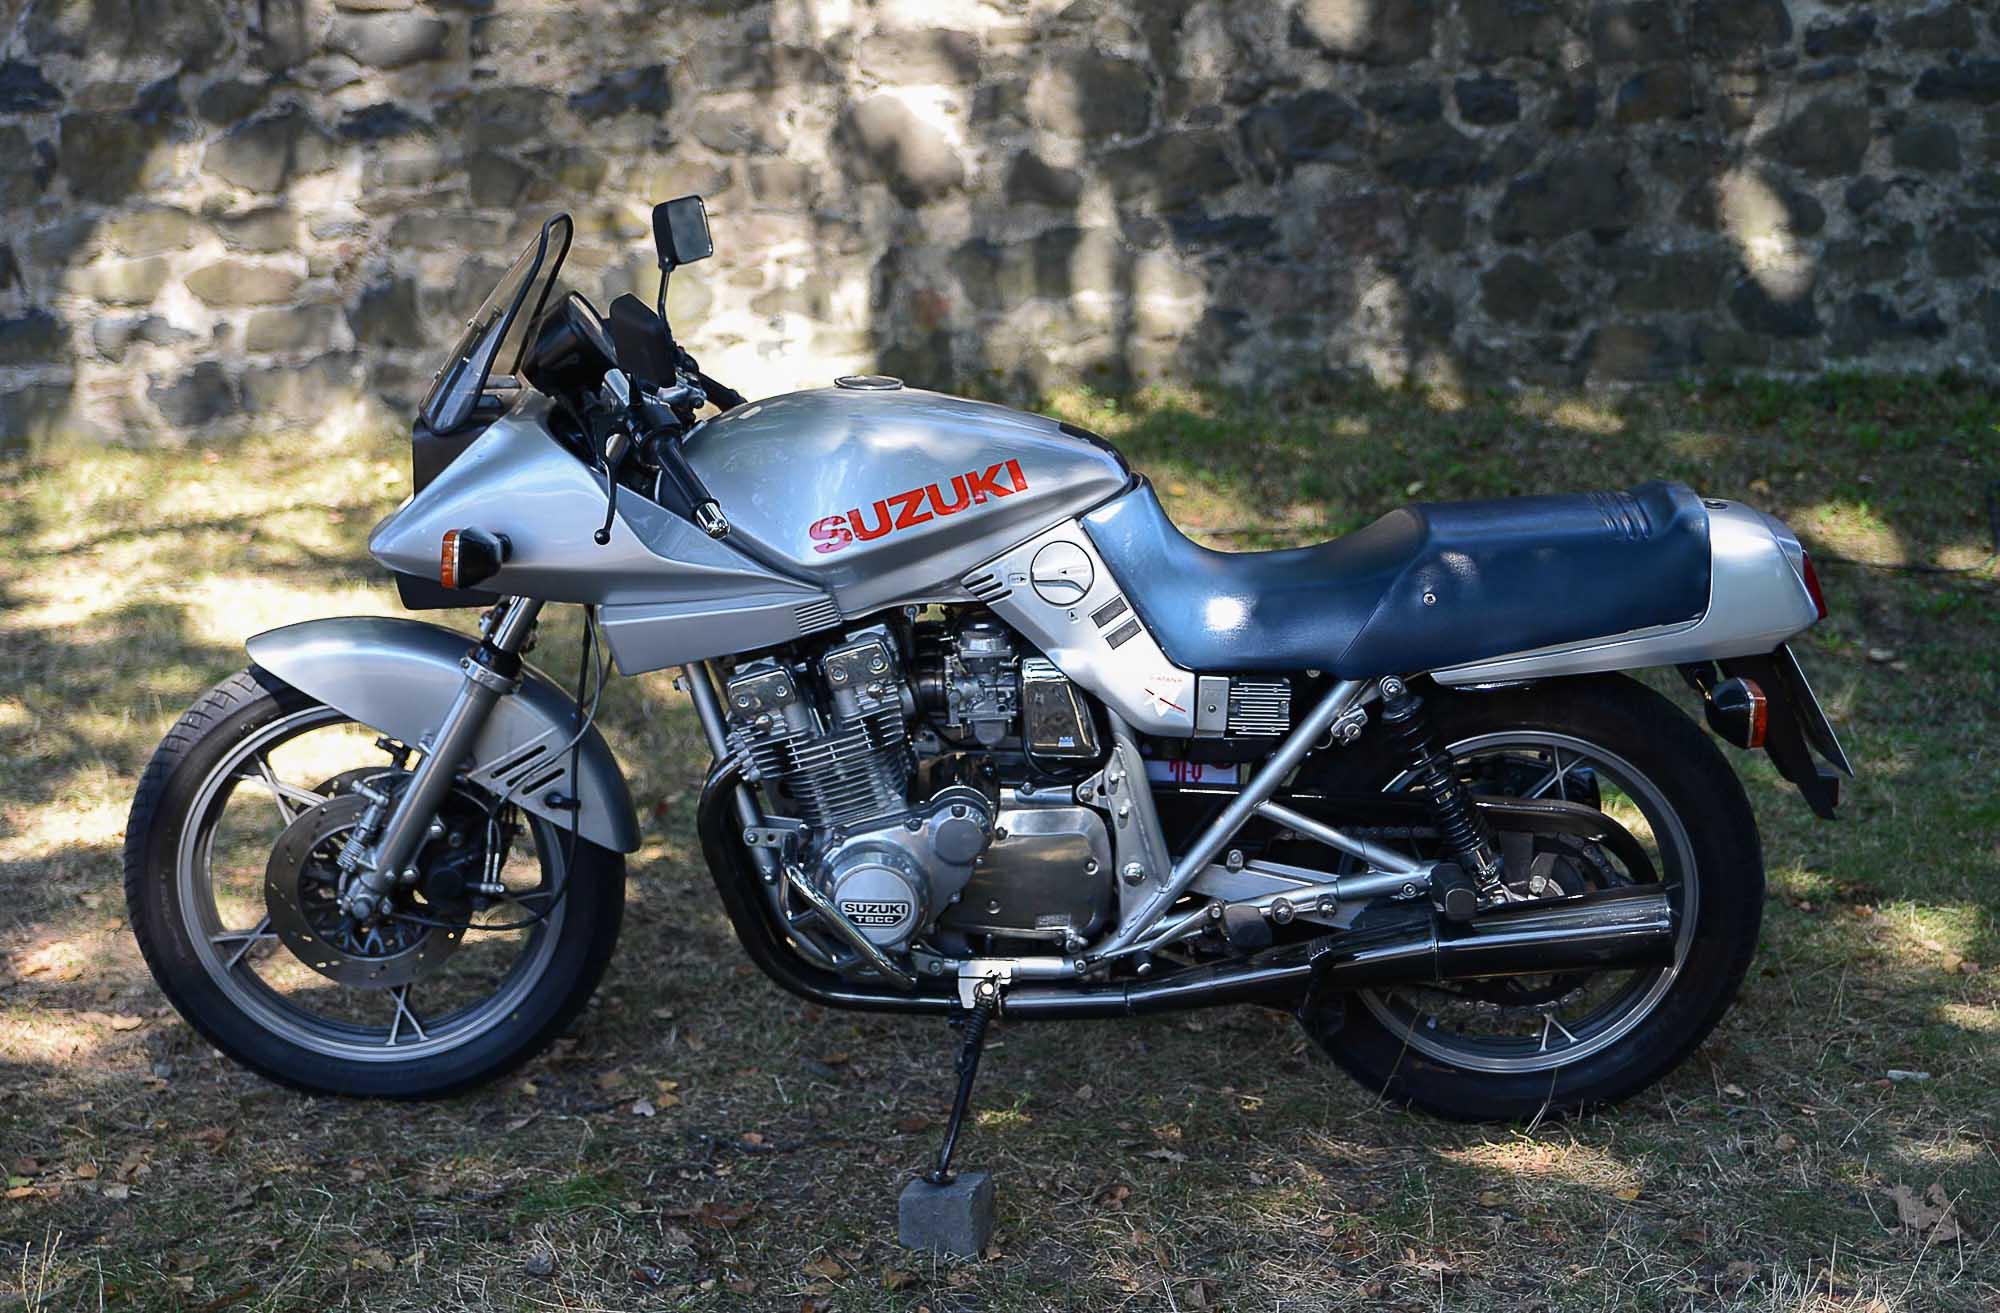 SUZUKI GSX 750 S (1980 - 1984)